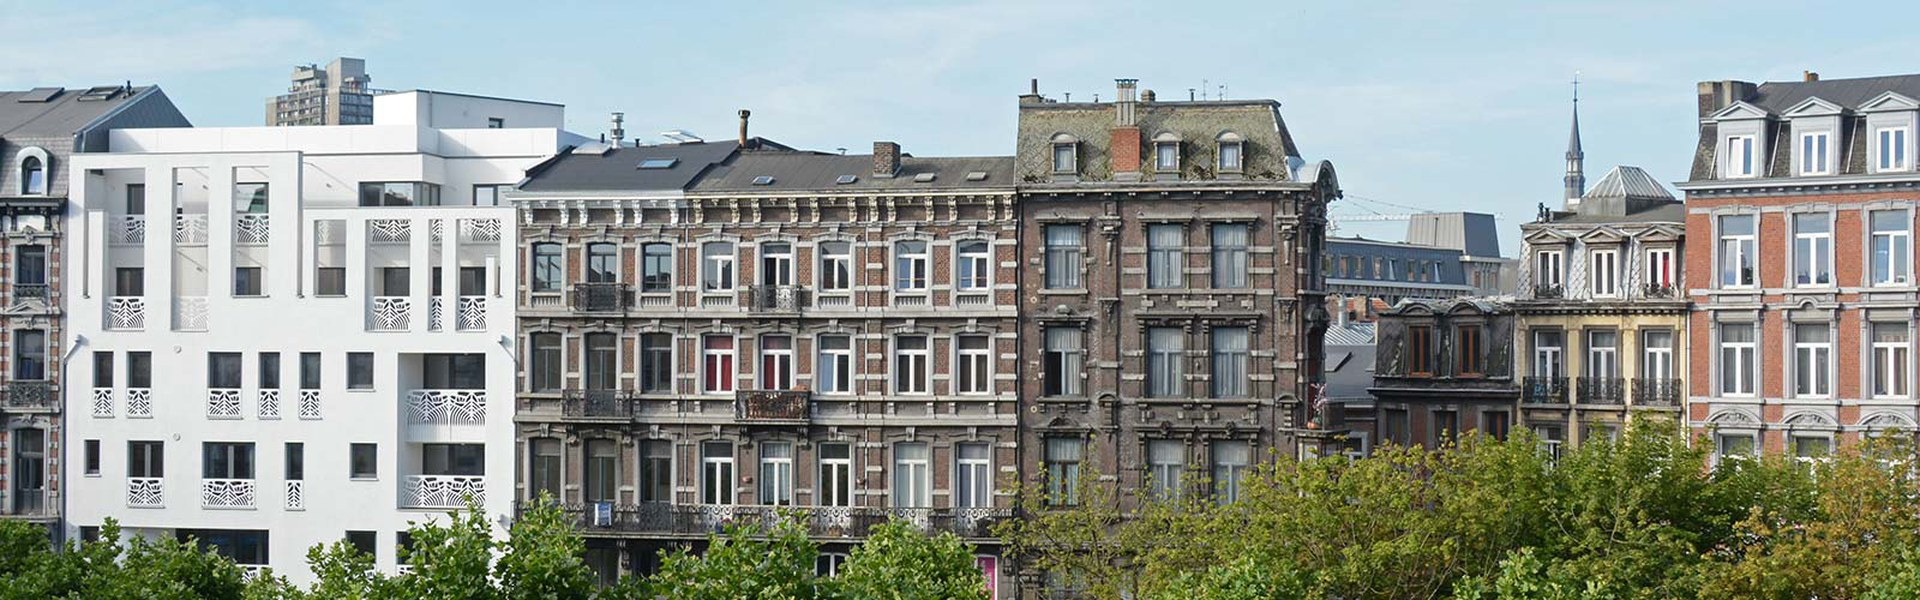 Rue Léopold - Dent creuse comblée